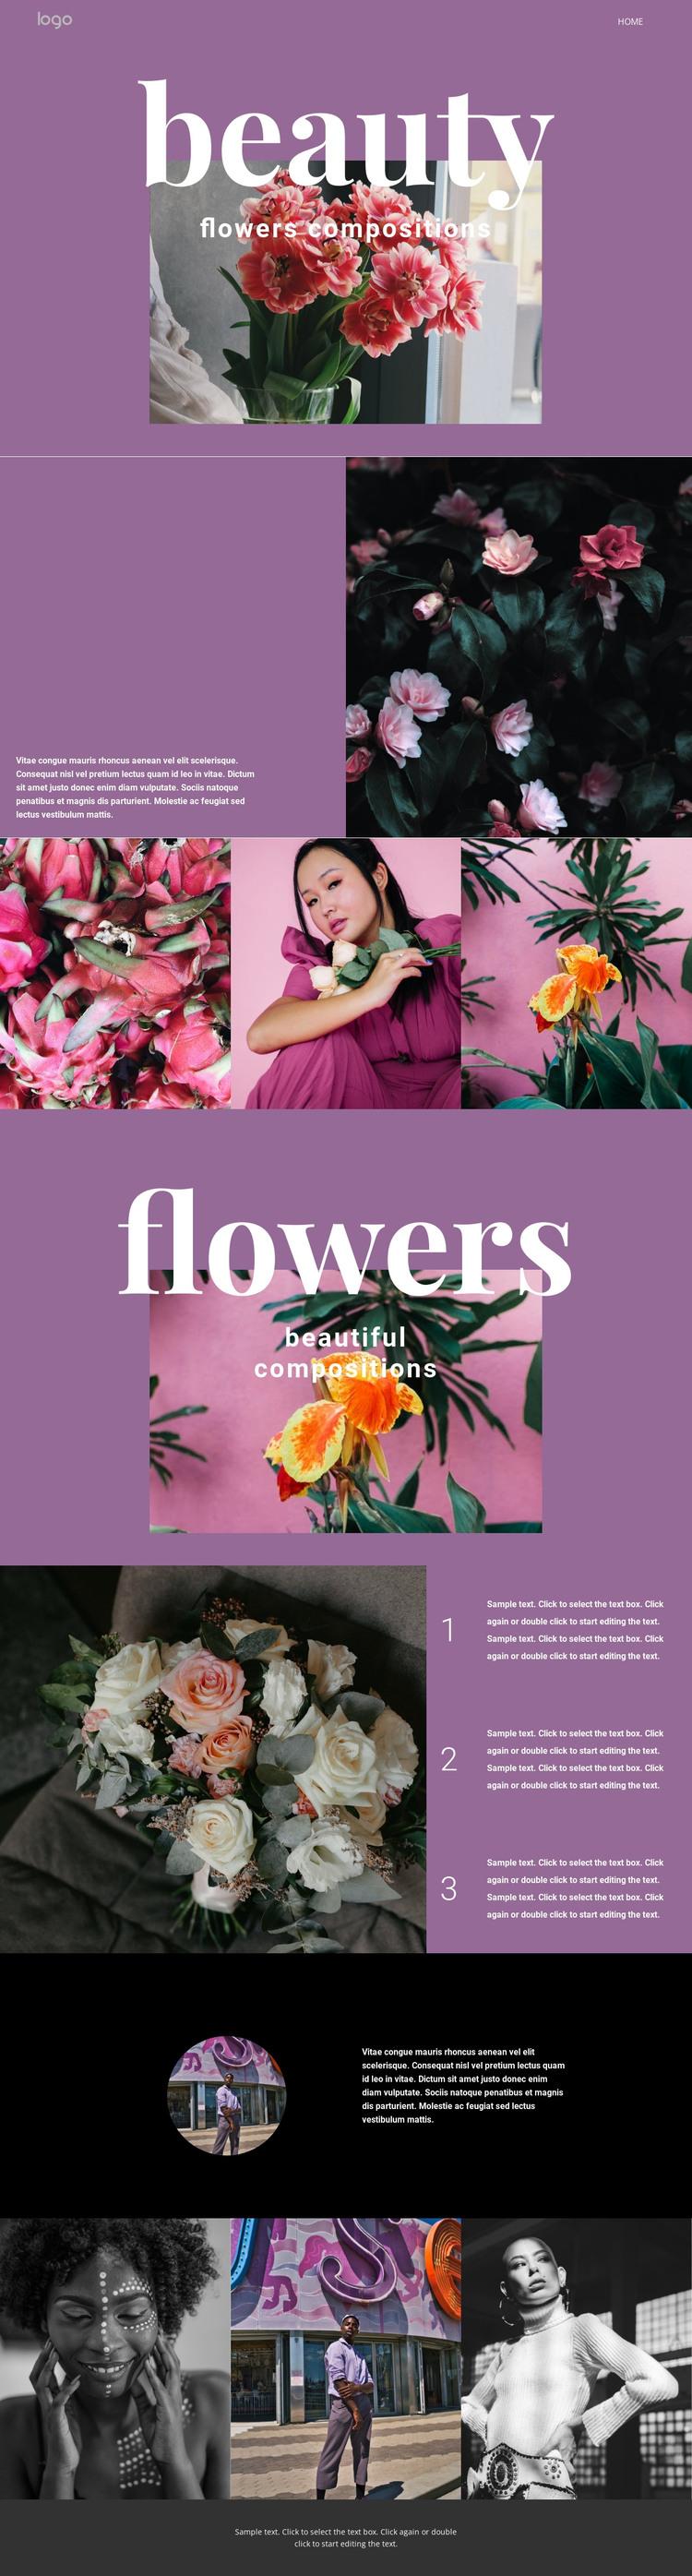 Flower salon HTML Template